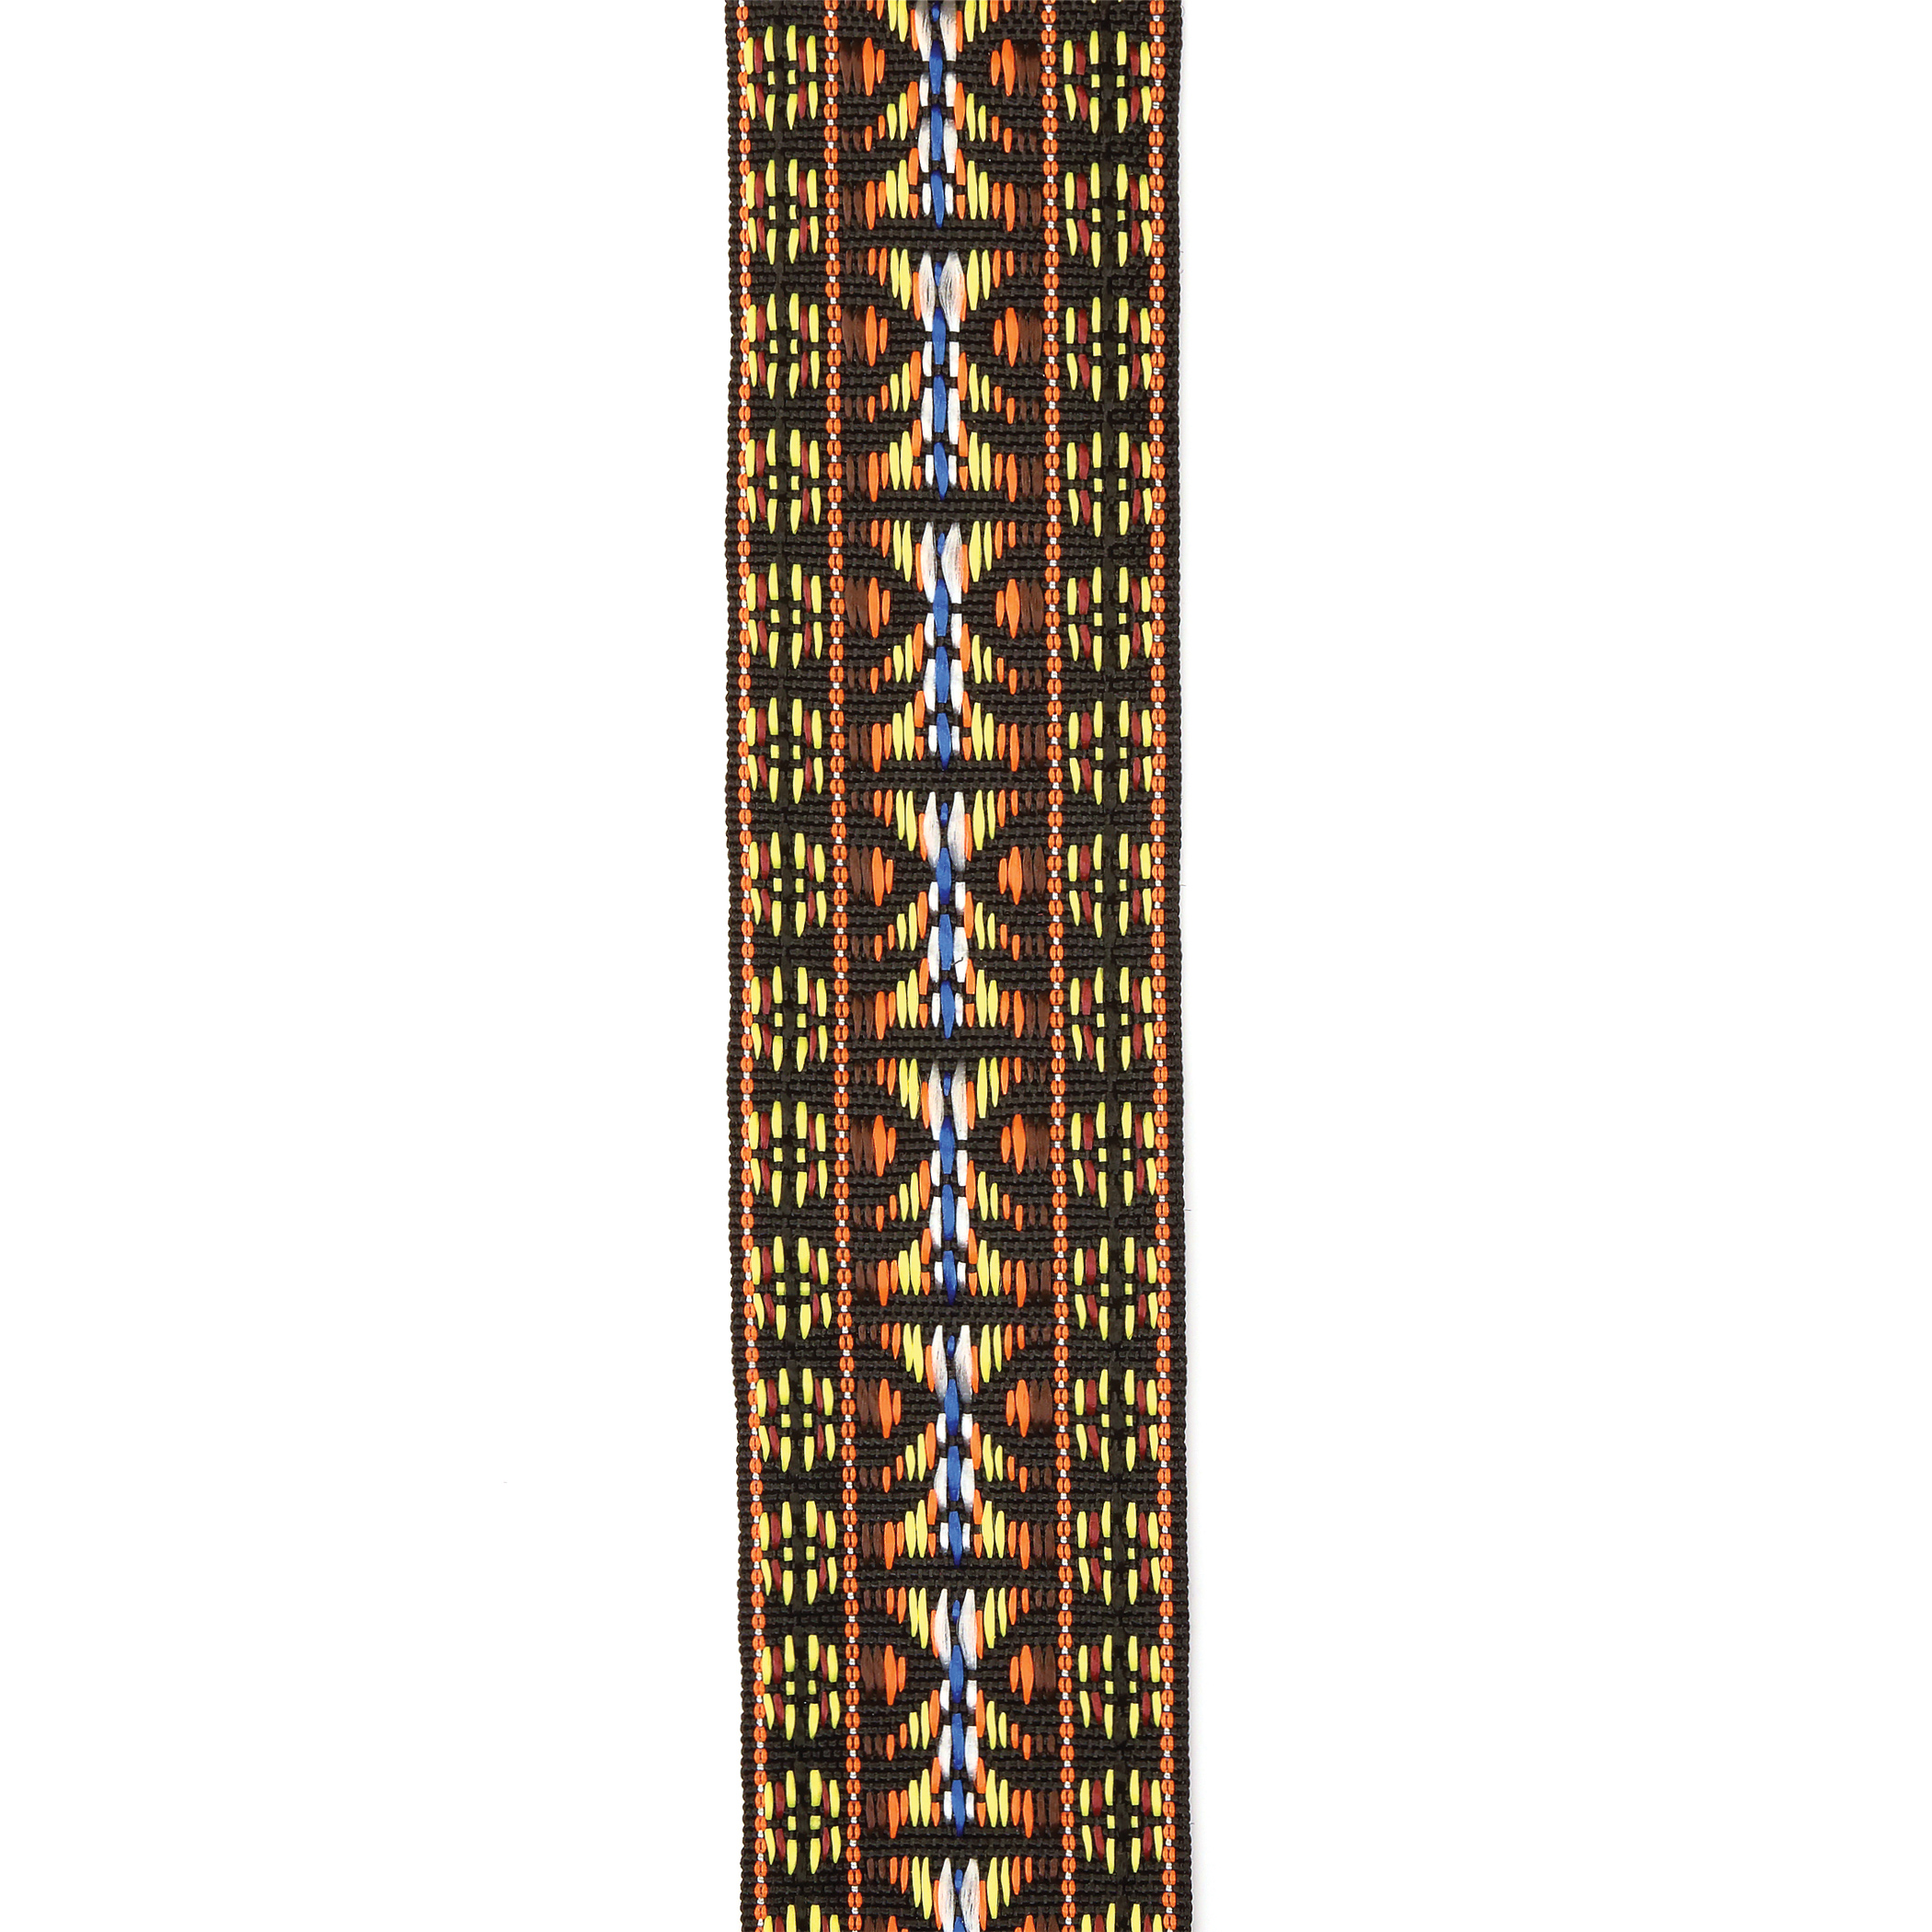 D'Addario Woven Banjo Strap, Hootenanny - Yellow and Brown